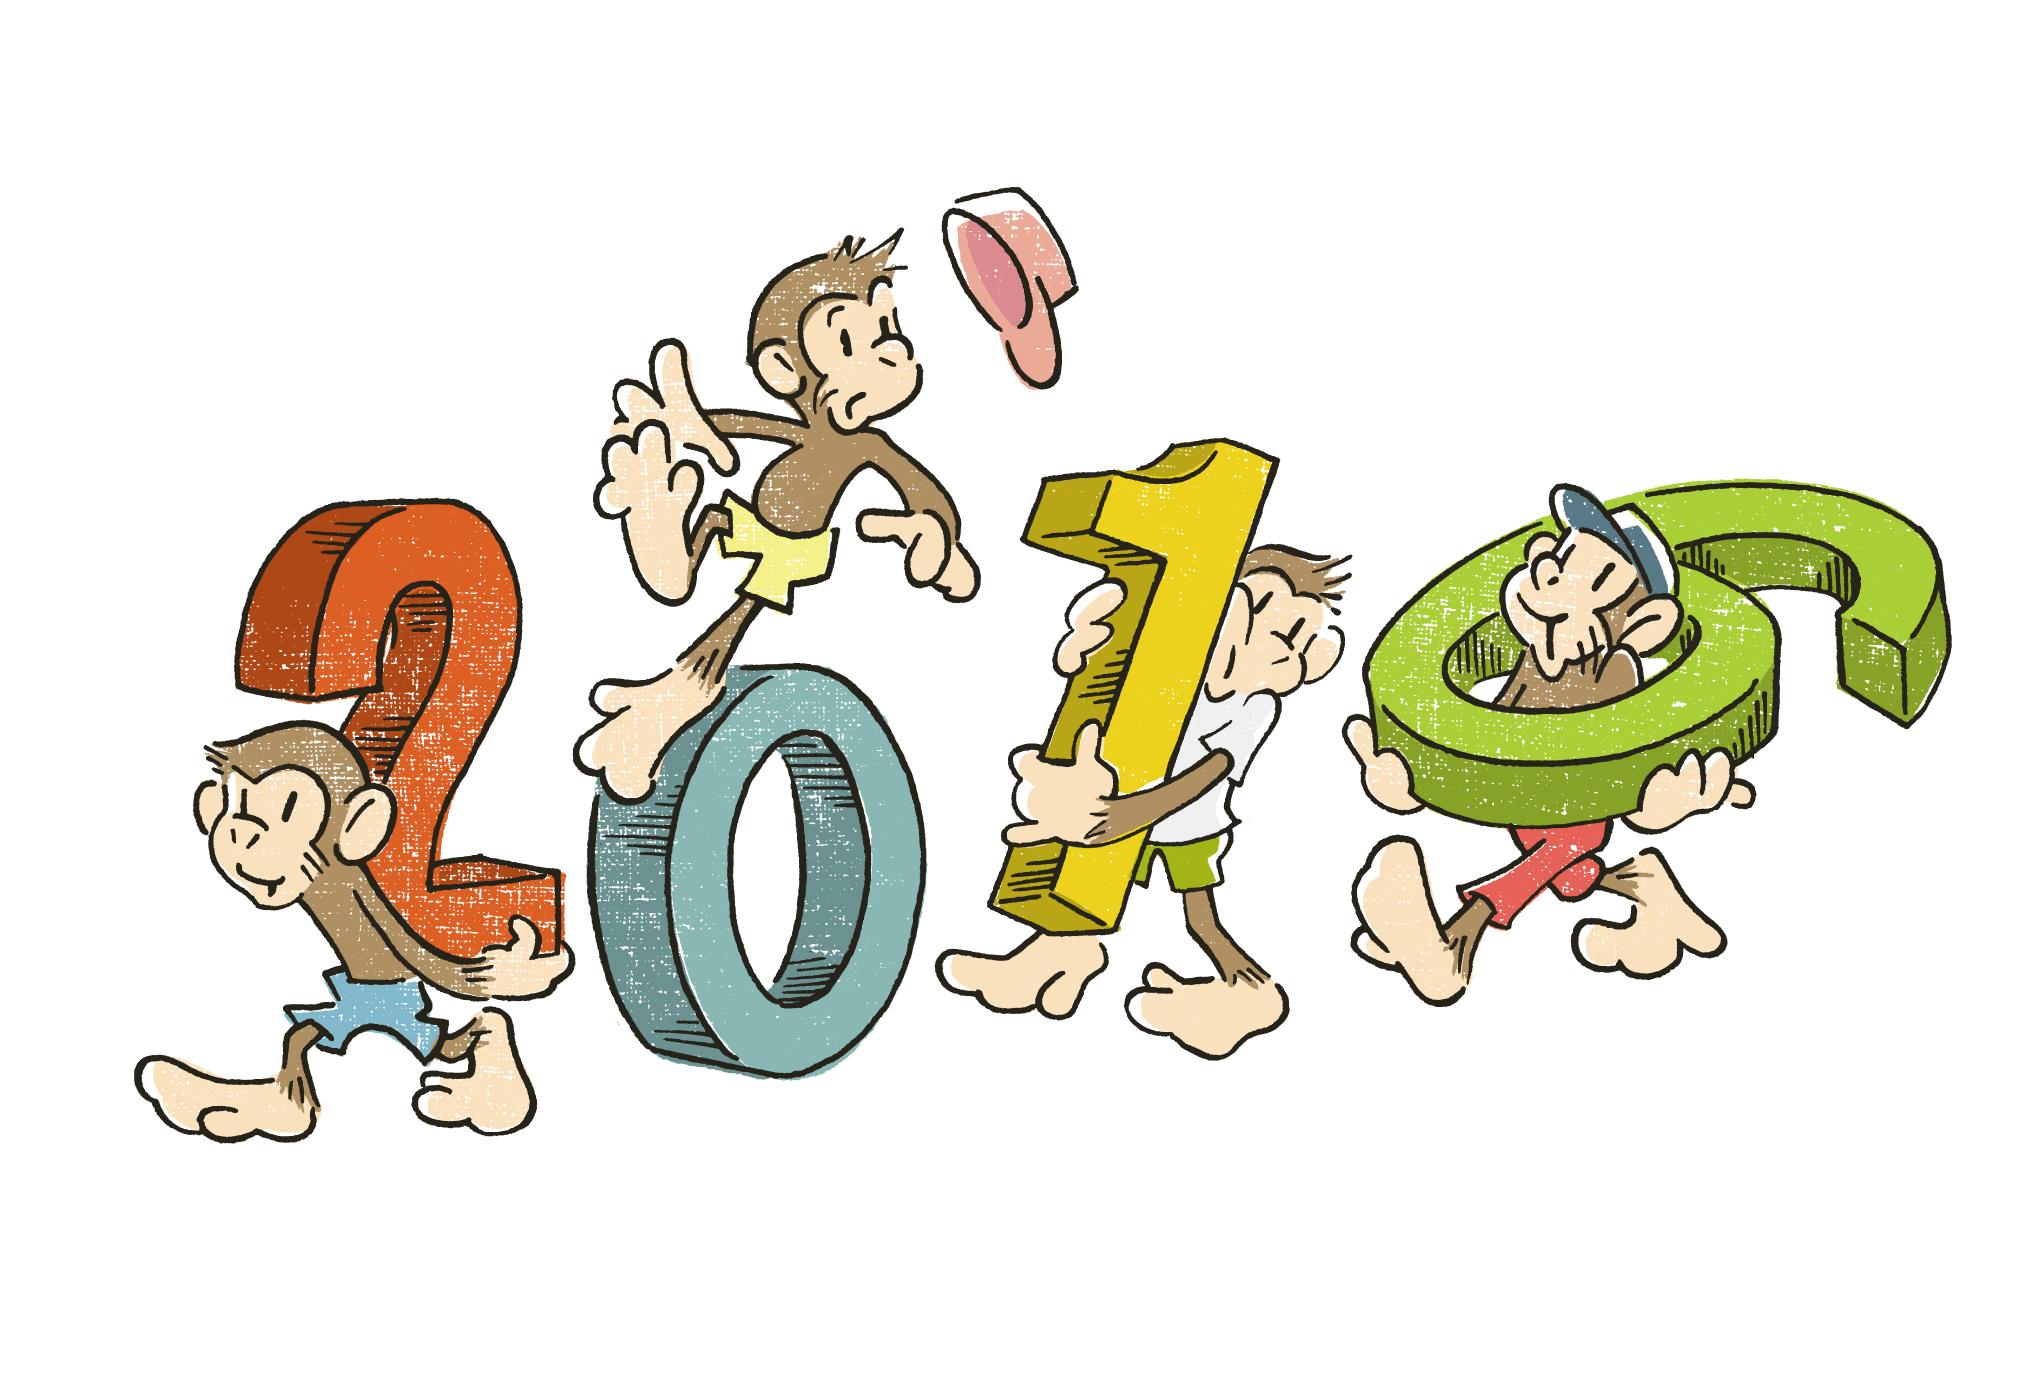 2016年賀状07:Monkey march 2016のダウンロード画像